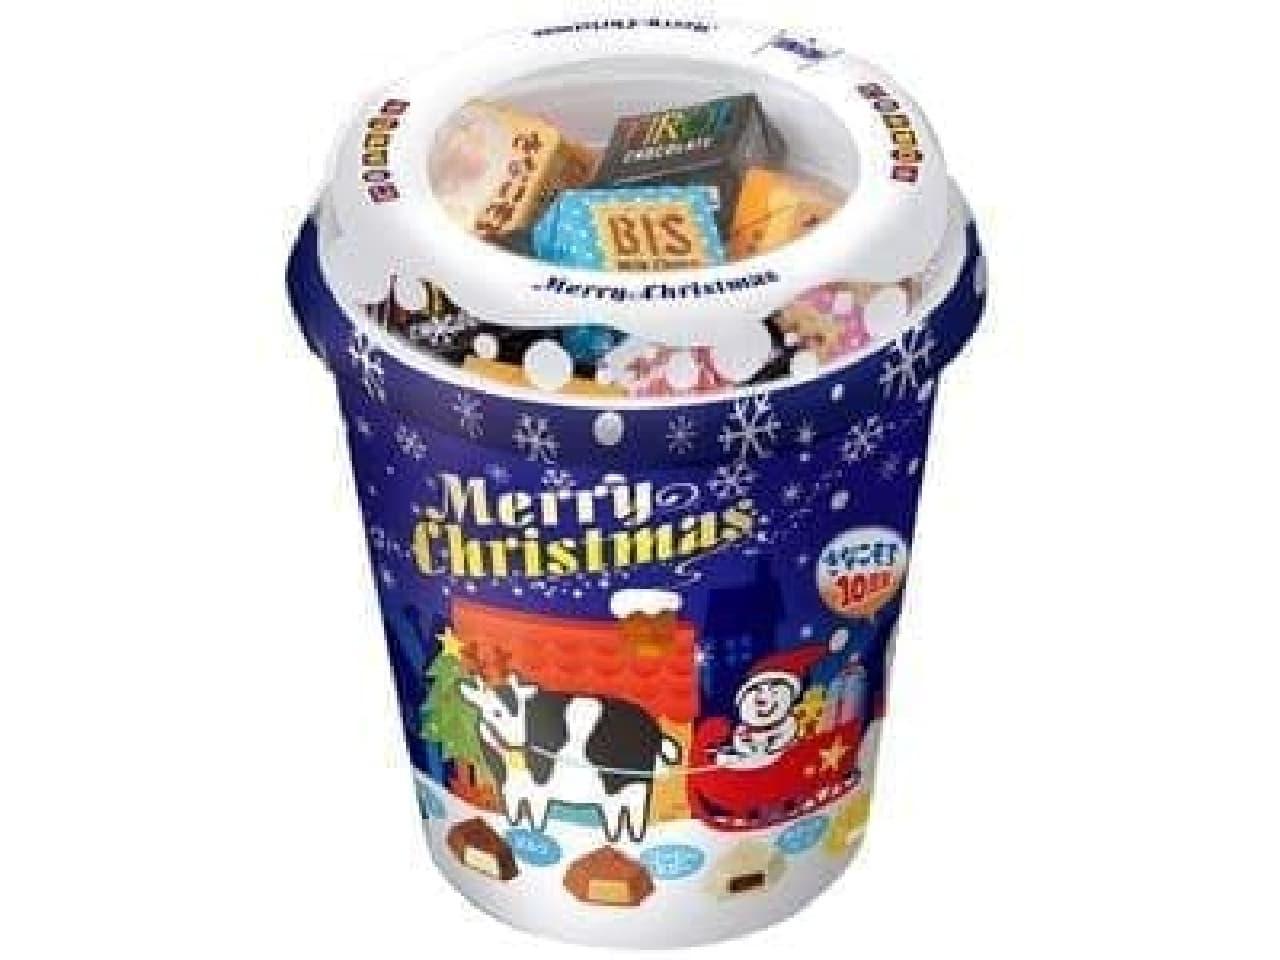 みんな大好ききなこもちも入ってるよ「クリスマスチョコレート」